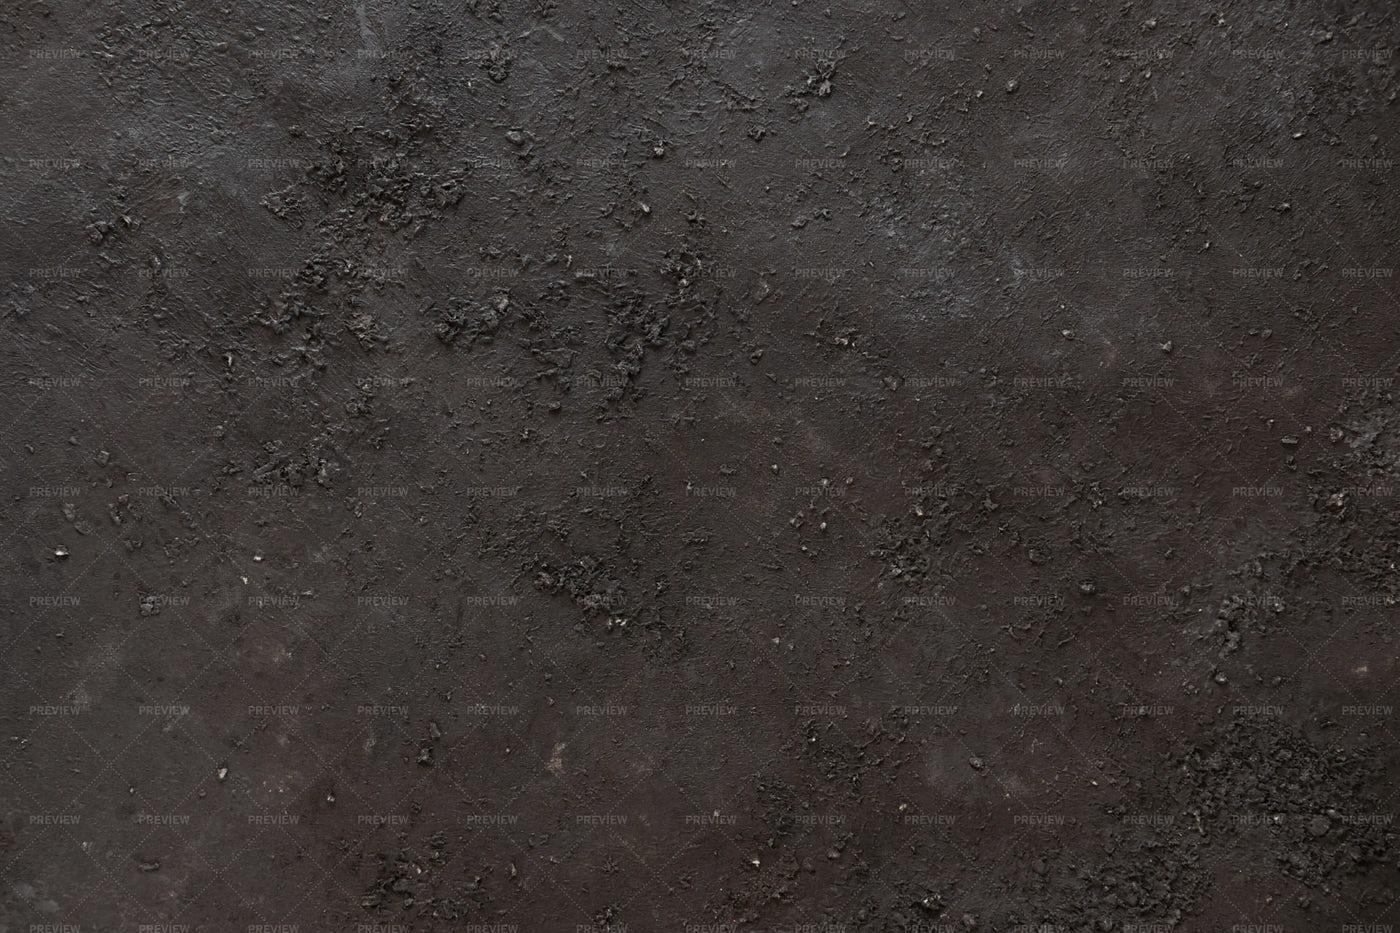 Dark Canvas Wall: Stock Photos